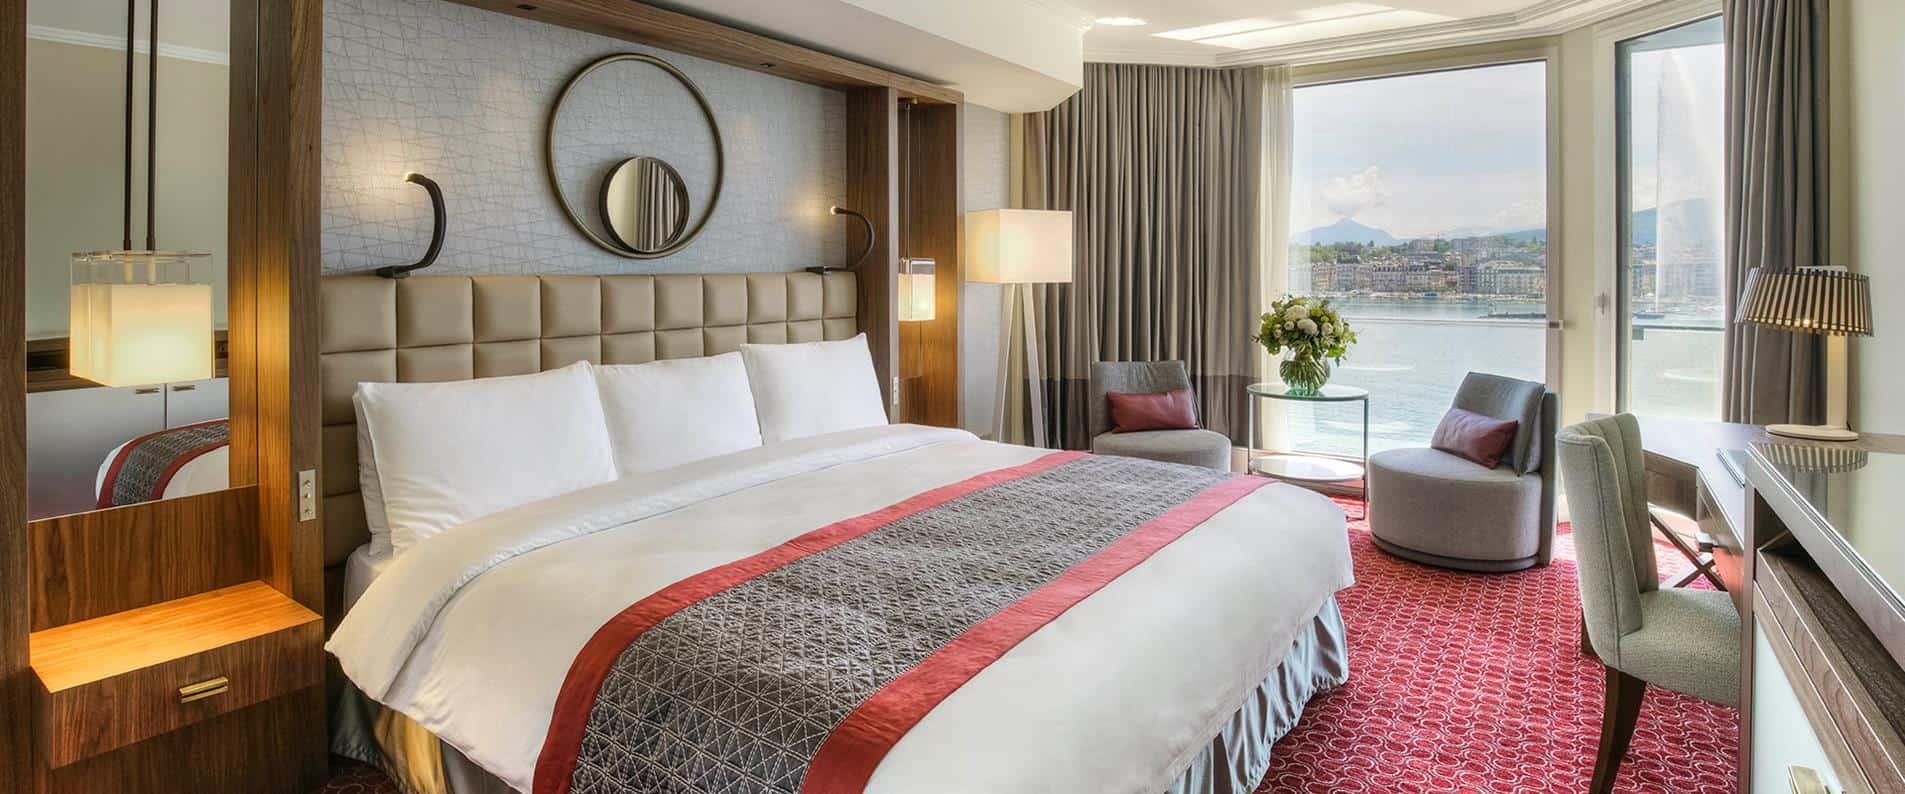 خيارات الإقامة في فندق جراند كمبنسكي جنيف